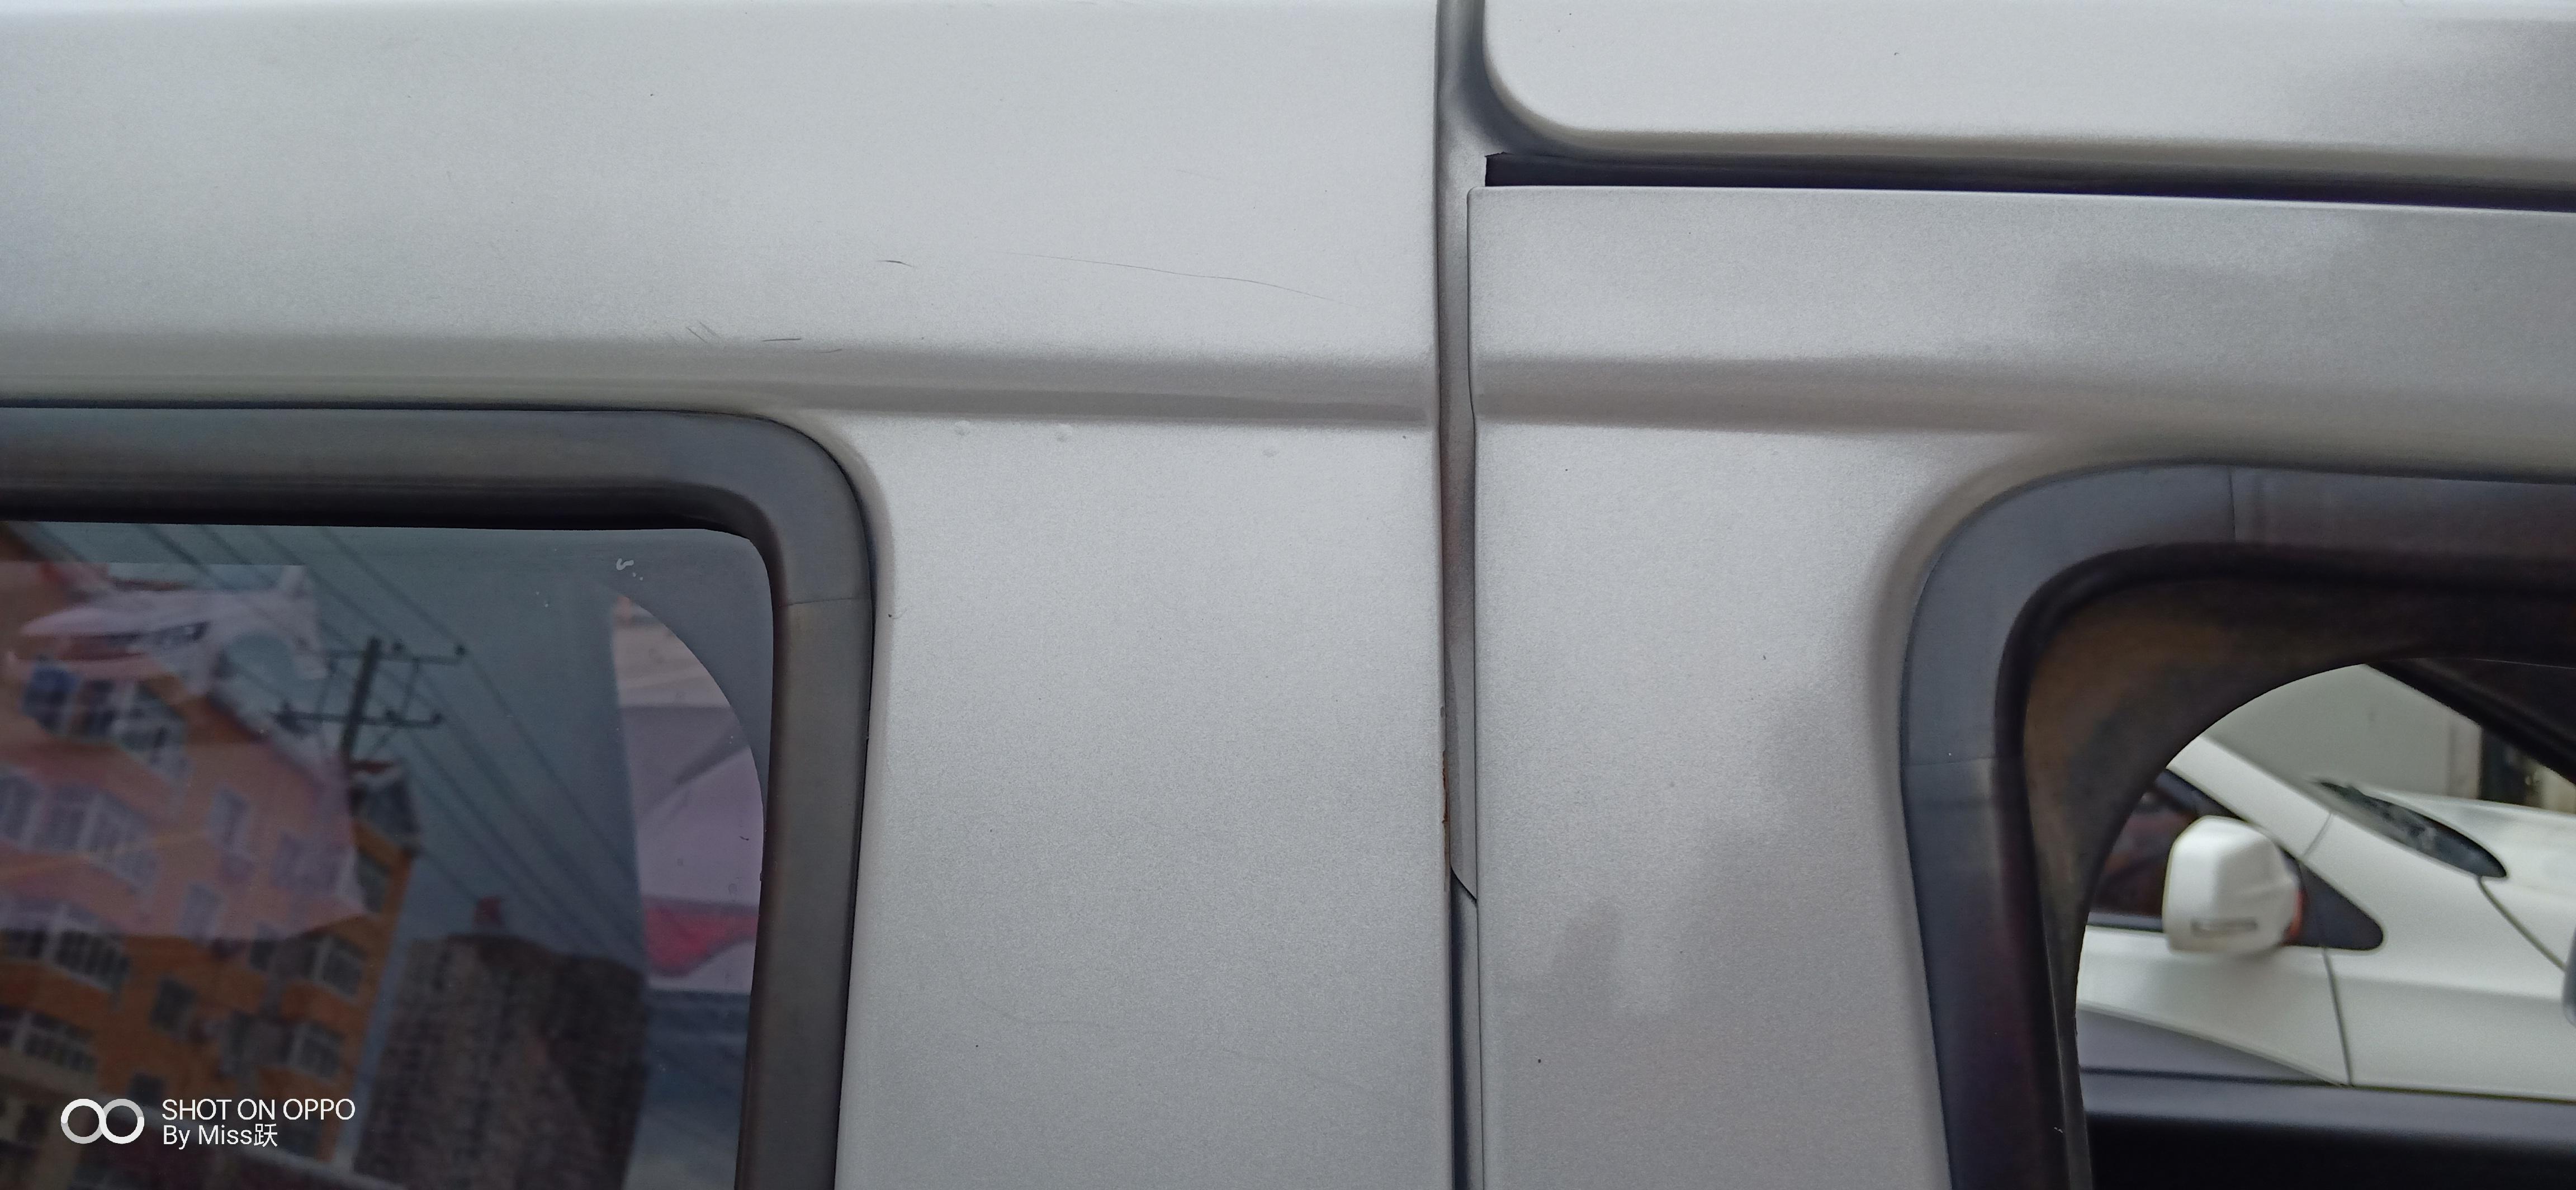 上汽通用五菱-五菱荣光V 全车车漆起泡